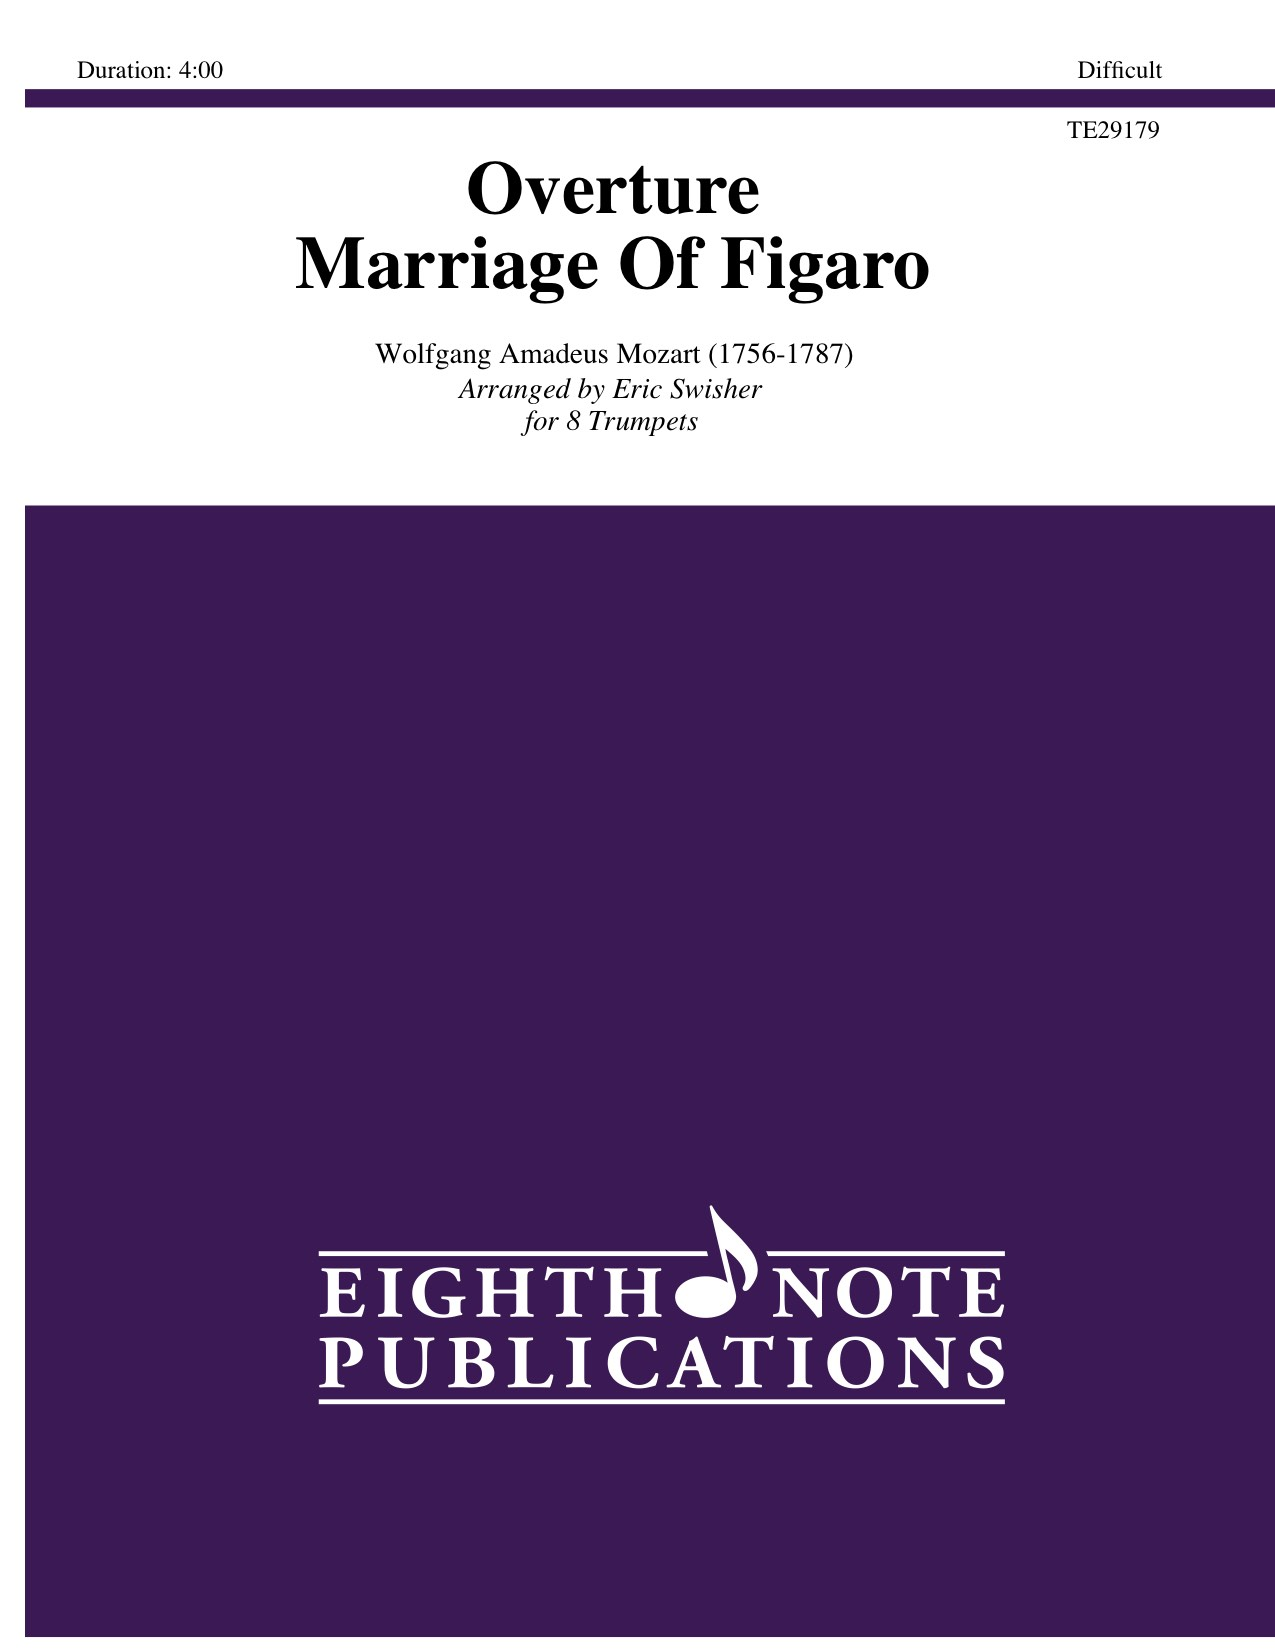 Overture - Marriage of Figaro - Wolfgang Amadeus Mozart